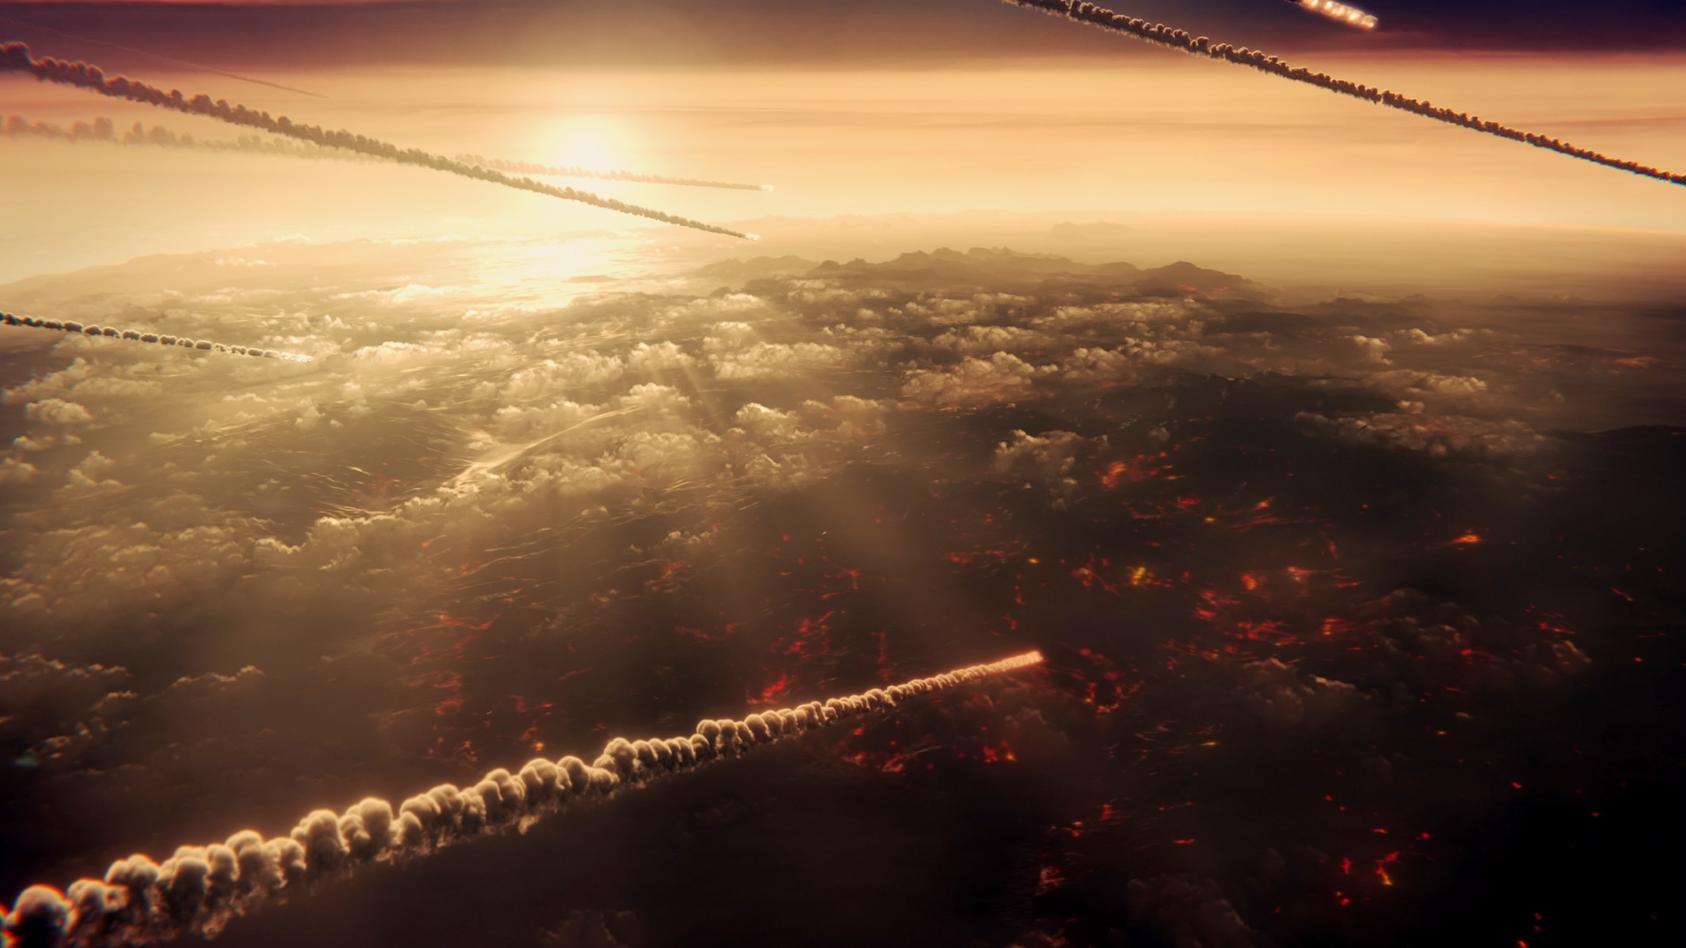 Es gilt als sehr wahrscheinlich, dass ein Asteroideneinschlag die Dinosaurier vernichtete.